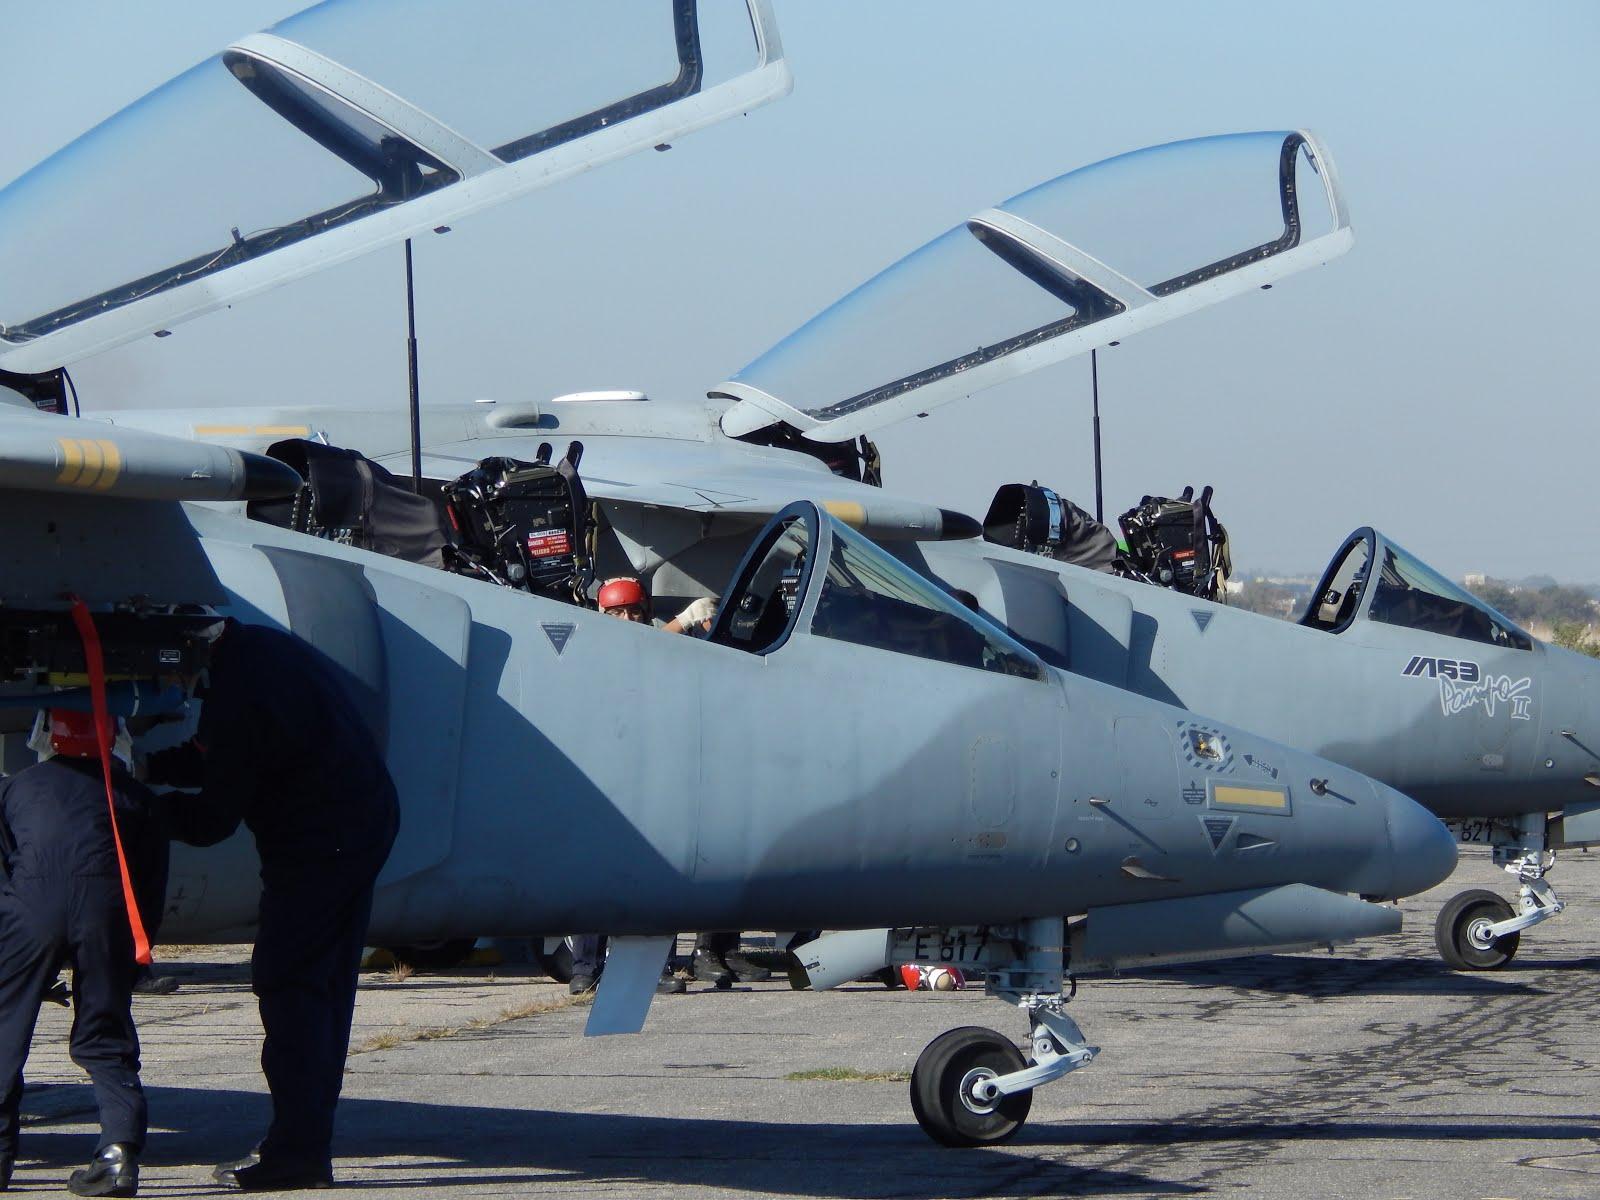 Campaña de Instrucción del Escuadrón IA-63 Pampa II